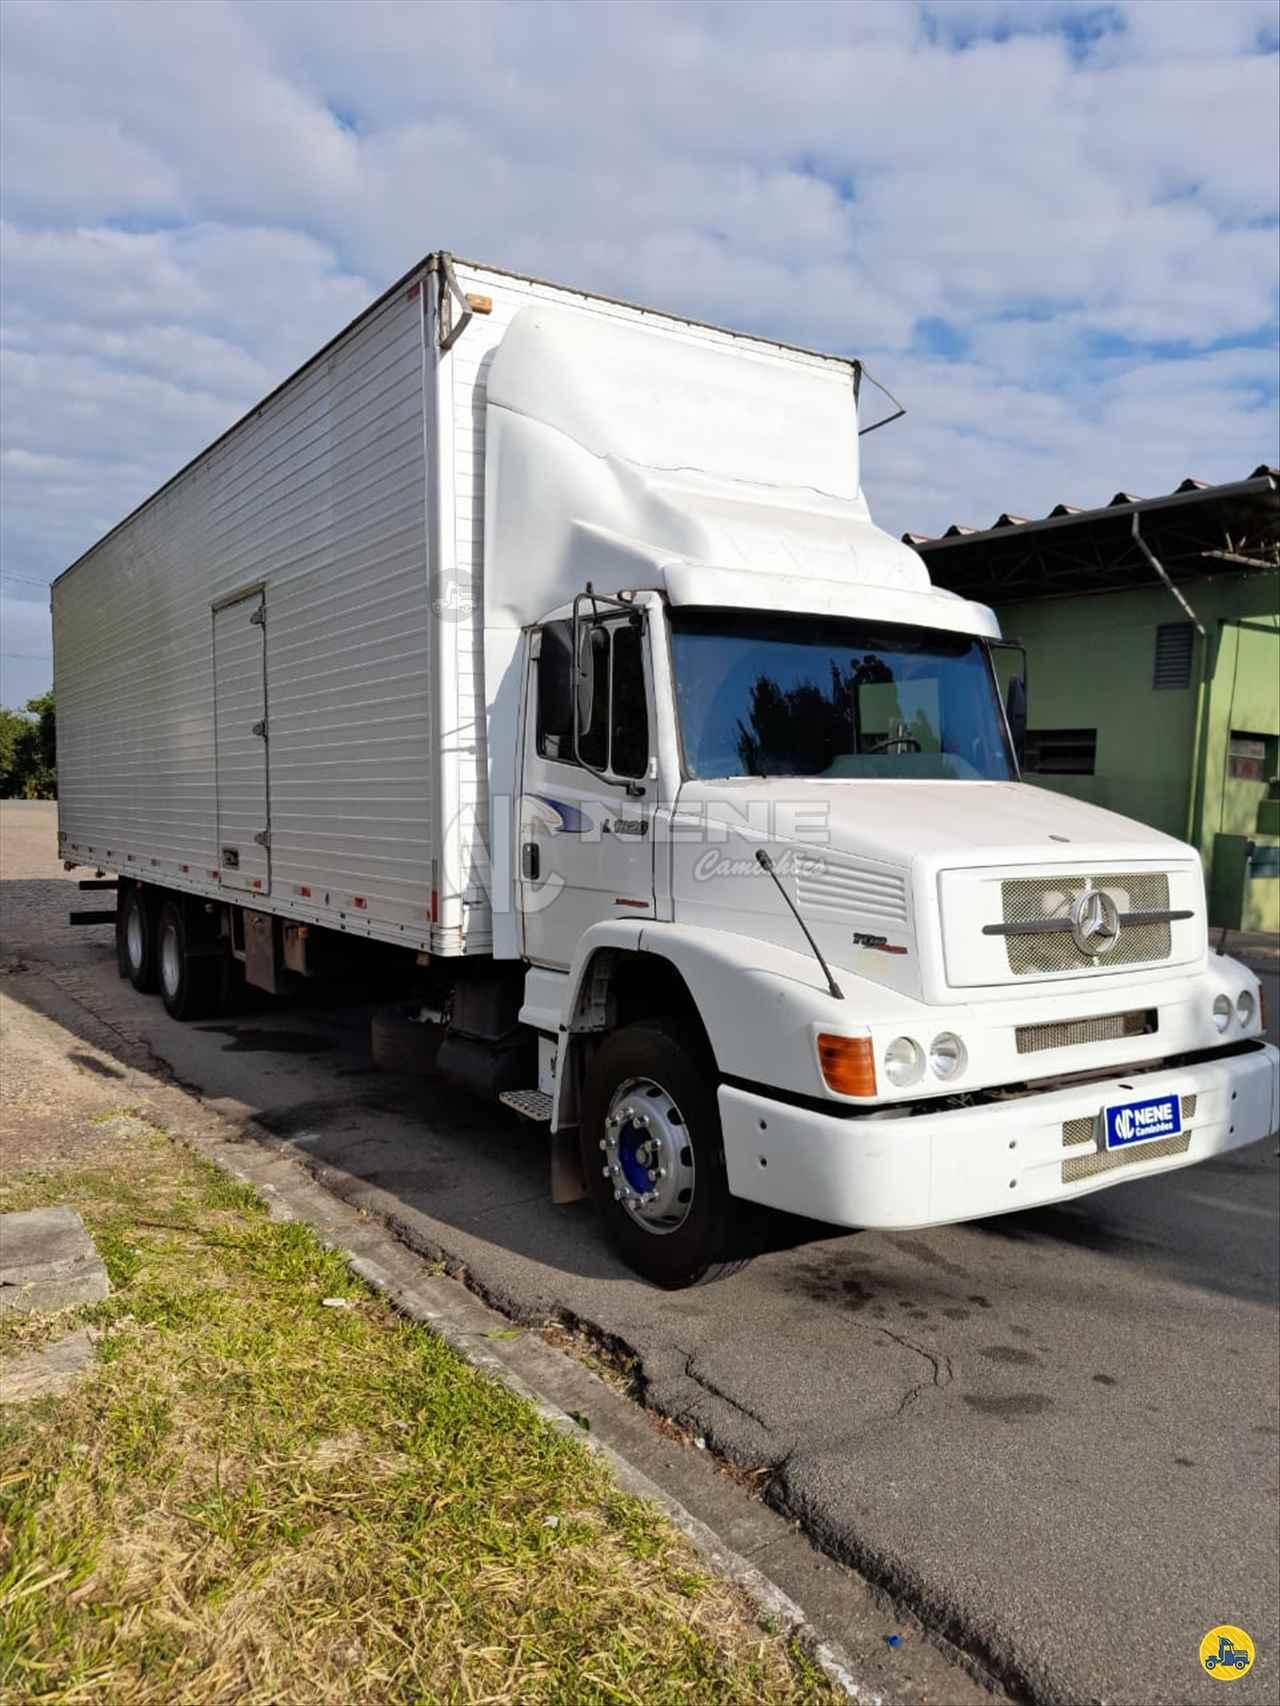 CAMINHAO MERCEDES-BENZ MB 1620 Baú Furgão Truck 6x2 Nene Caminhões SAO JOAO DA BOA VISTA SÃO PAULO SP